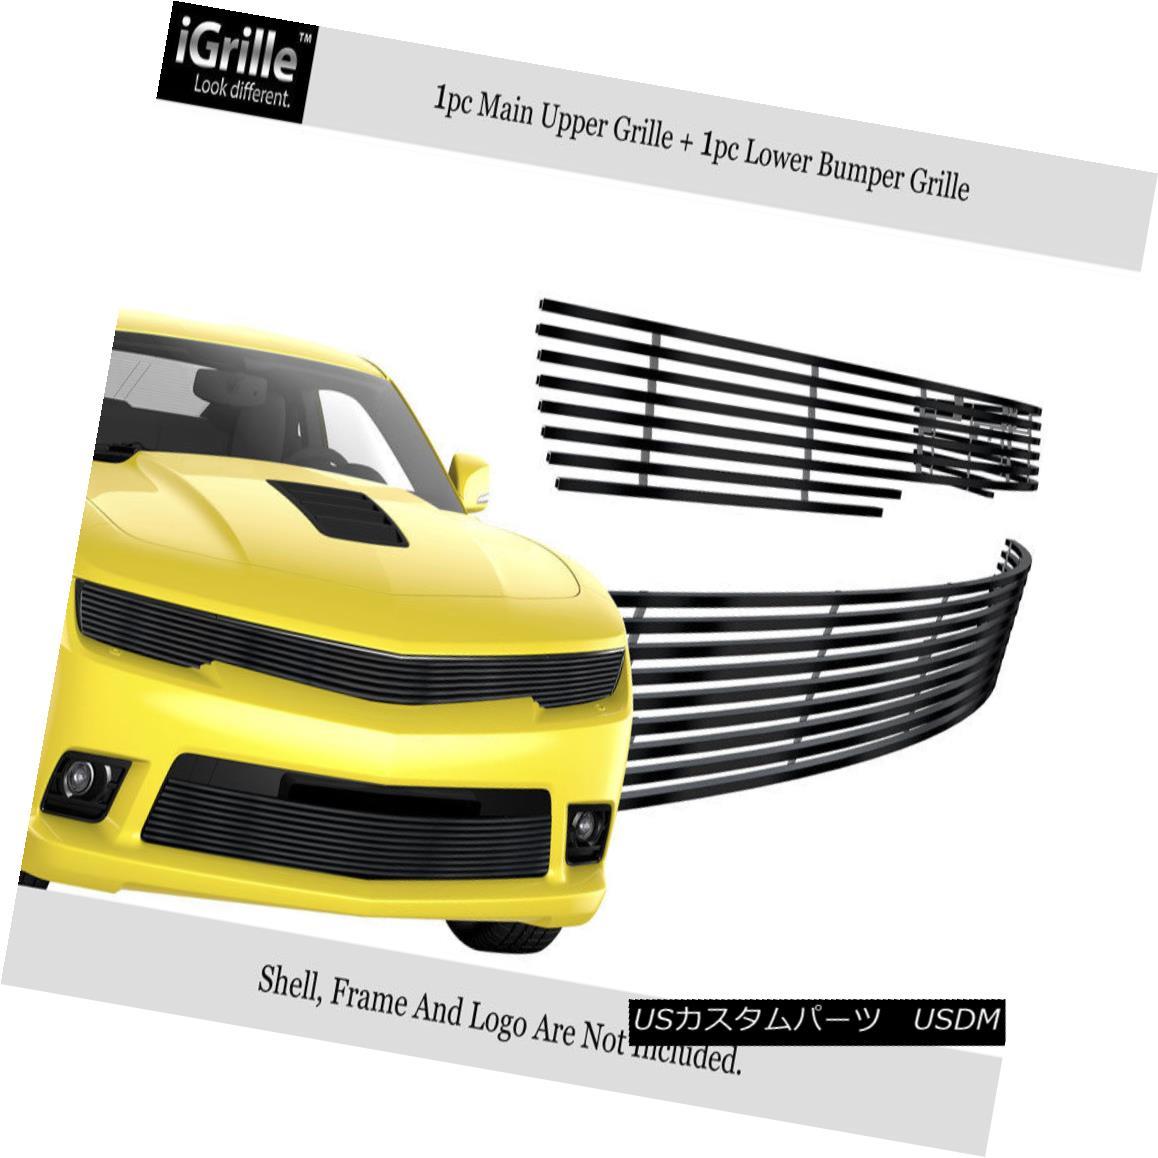 グリル Fits 2014-2015 Chevy Camaro LS/LT W/RS Package Phantom Style Black Billet Grille フィット2014-2015シボレーカマロLS / LT W / RSパッケージファントムスタイルブラックビレットグリル